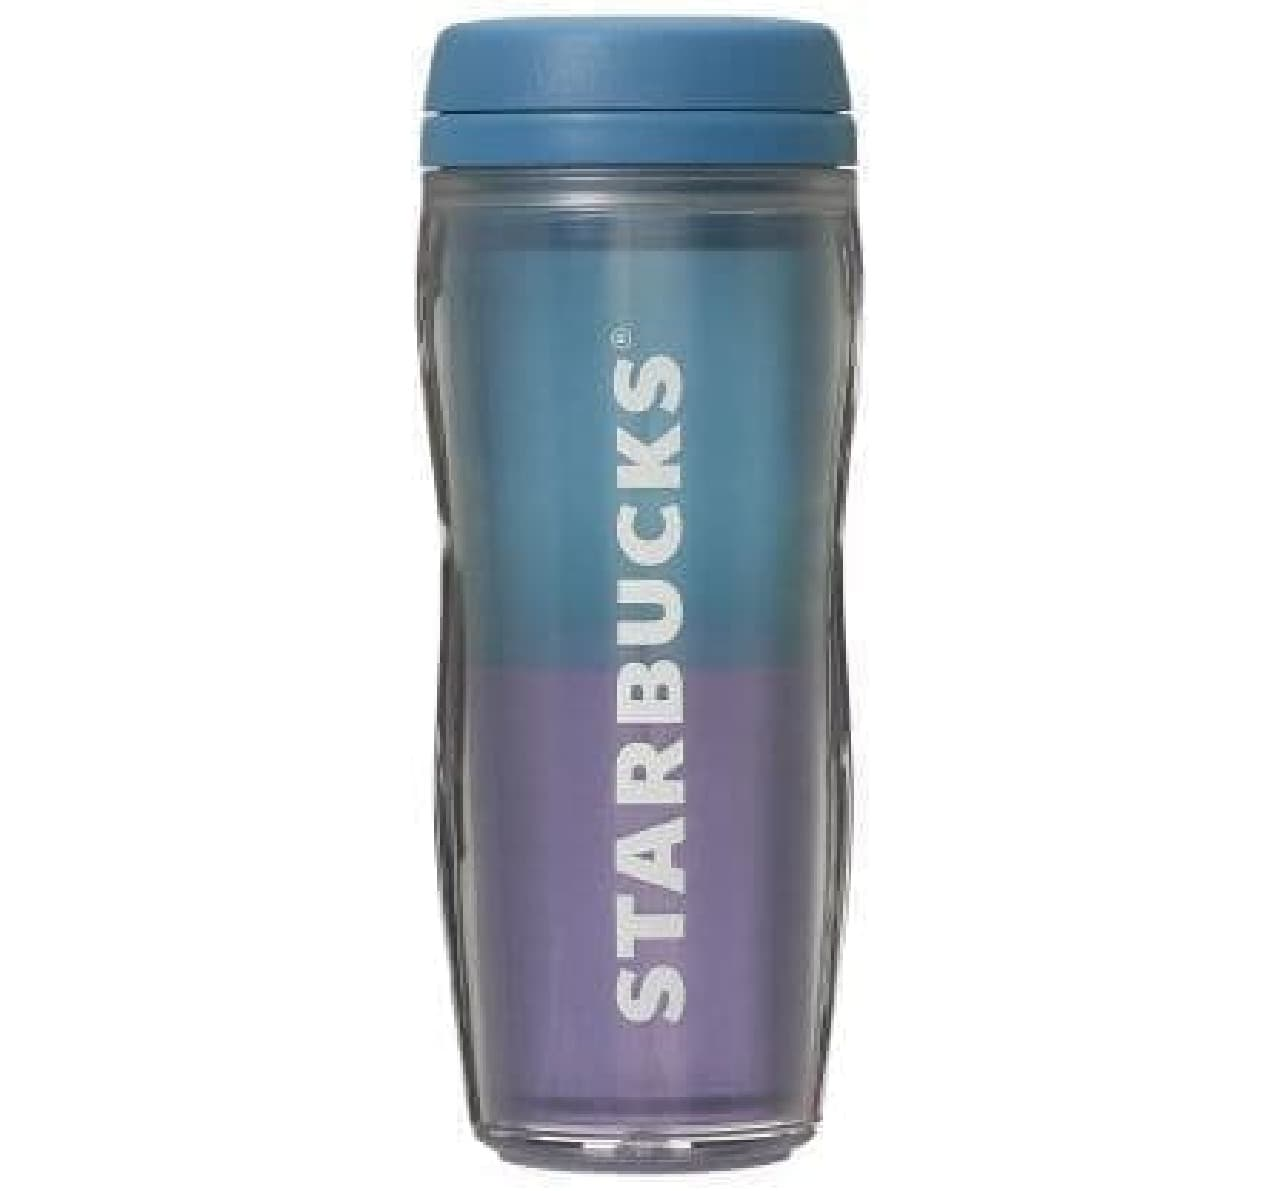 スターバックス「ボトルバイカラーブルー355ml」